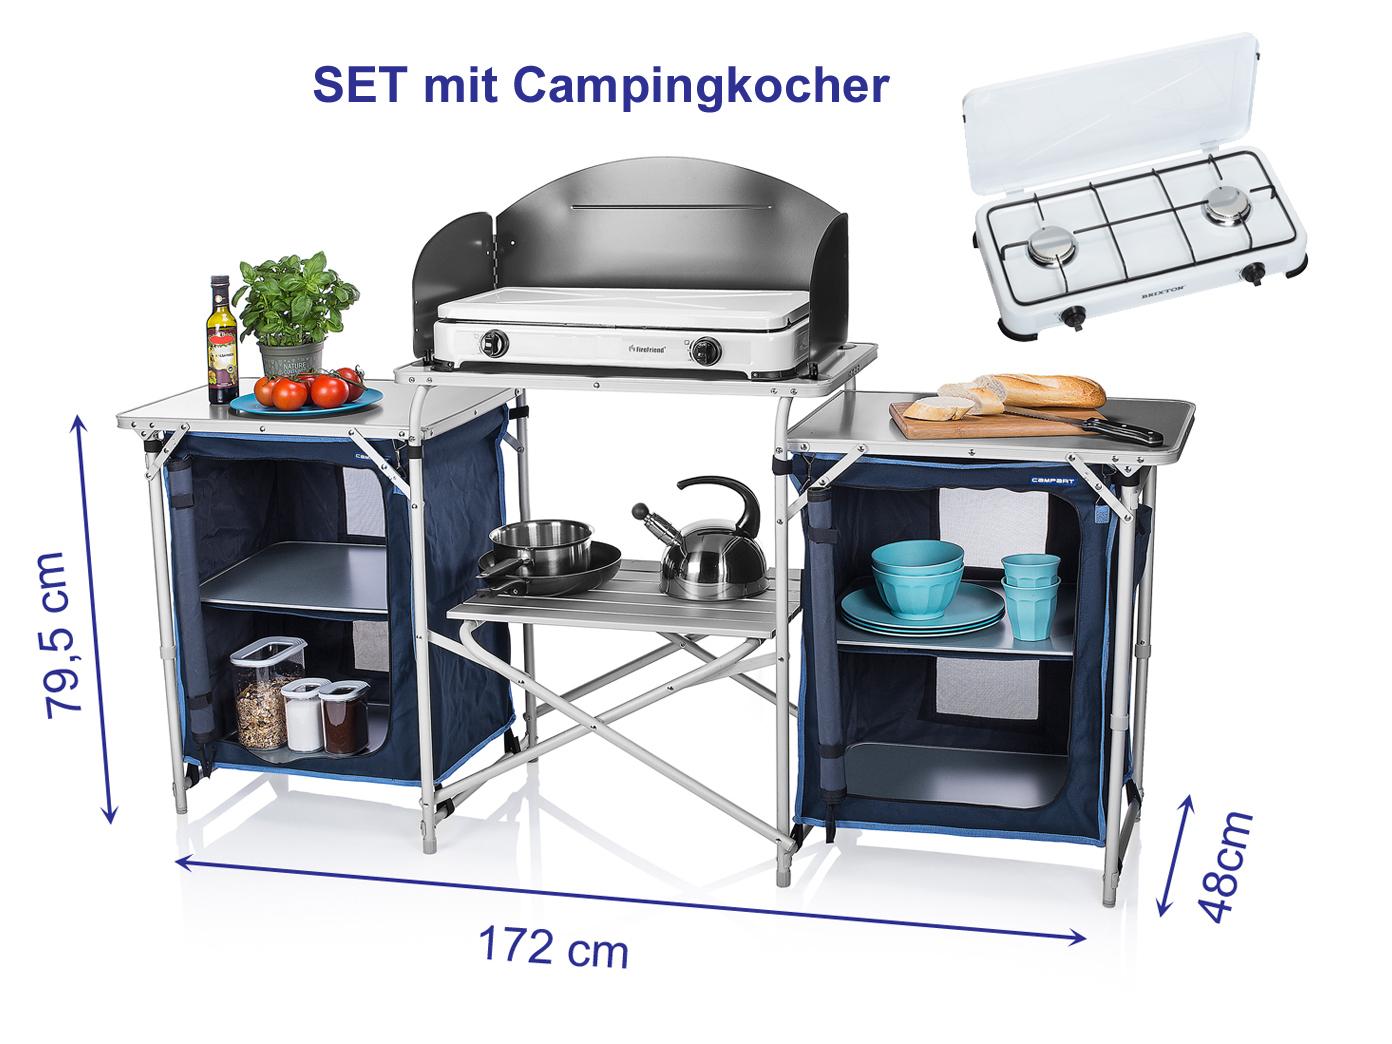 Outdoorküche Edelstahl Xxl : Xxl campingküche faltbar set mit gaskocher outdoor camping küche